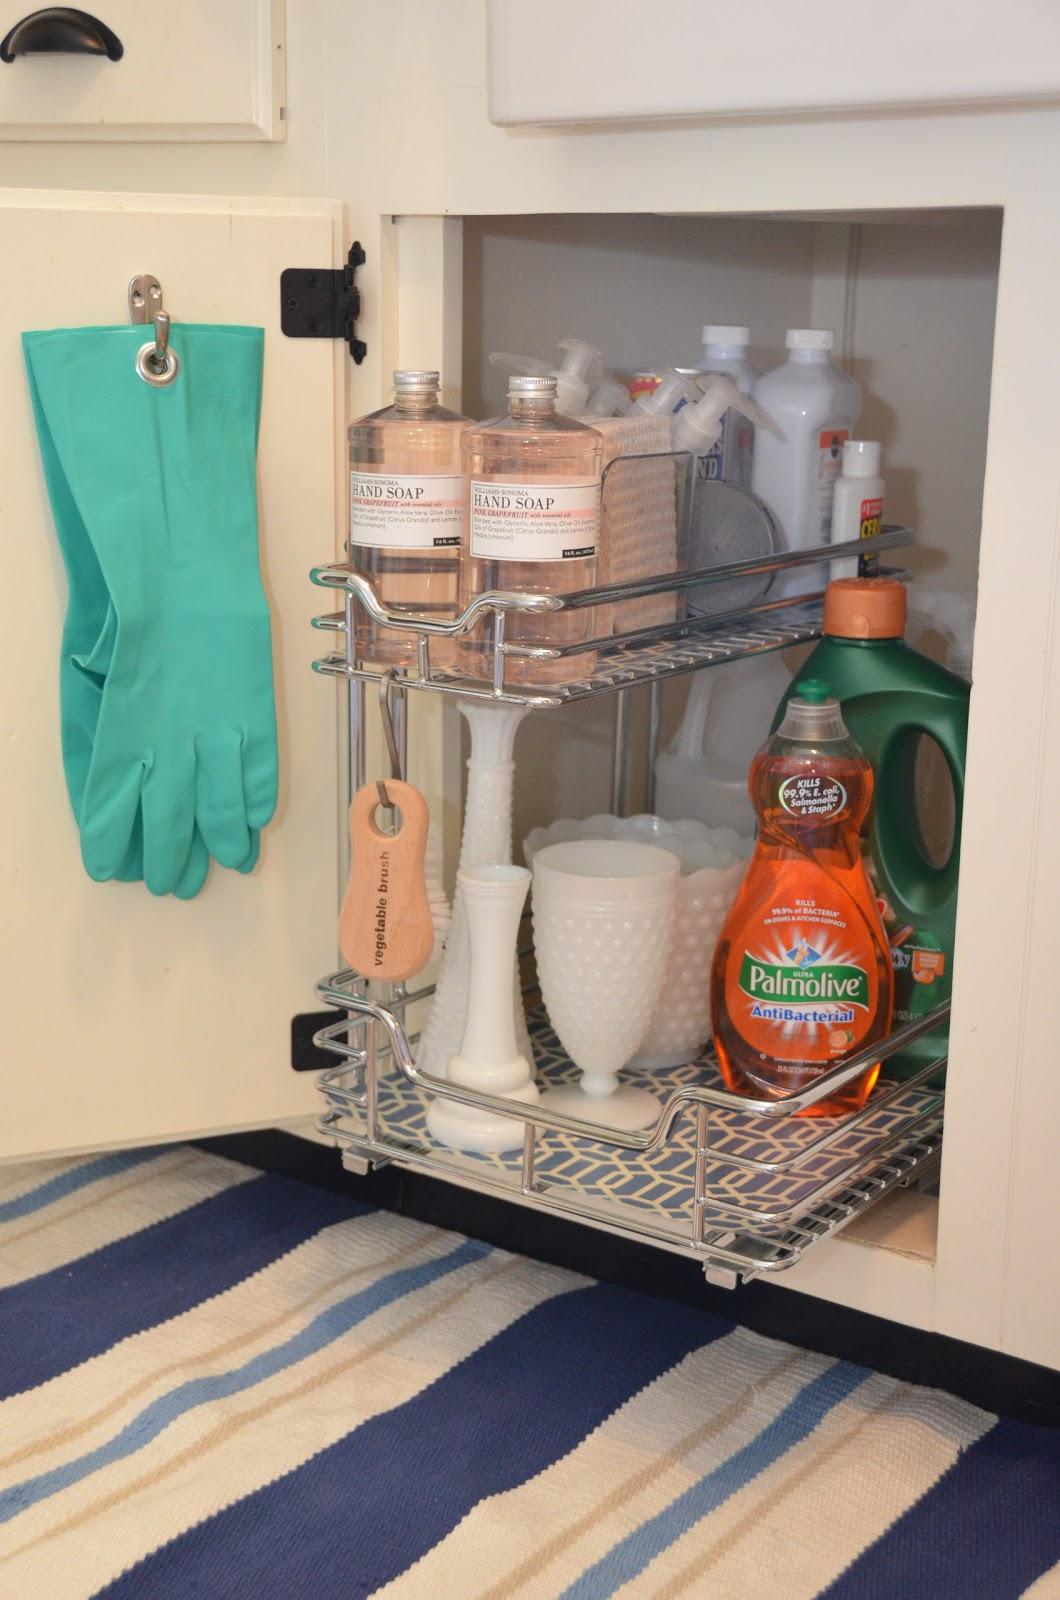 under kitchen sink storage aid professional mixer iron and twine